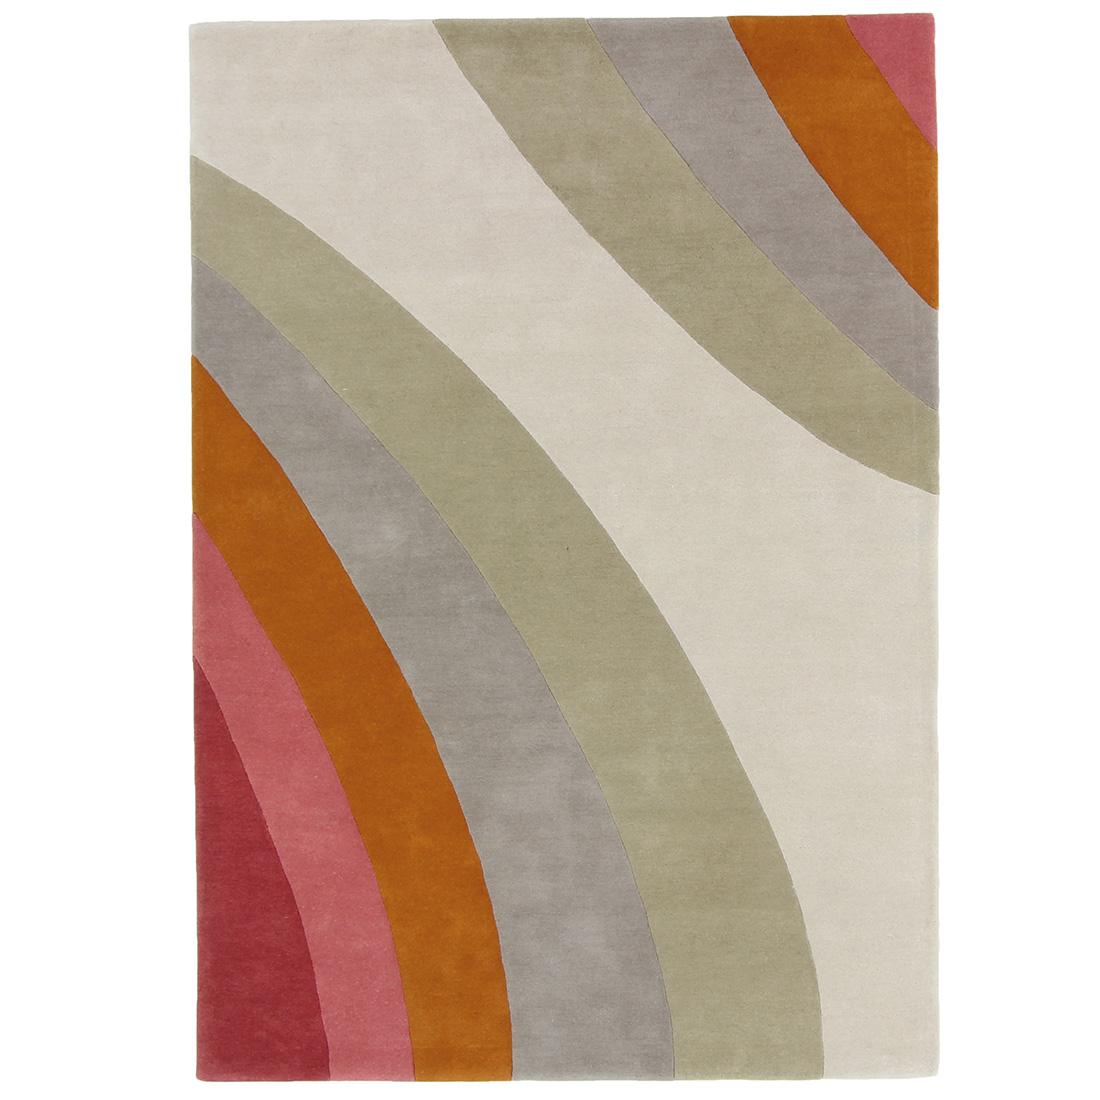 Vloerkleed Brinker Gaudion Nobella | 170 x 230 cm